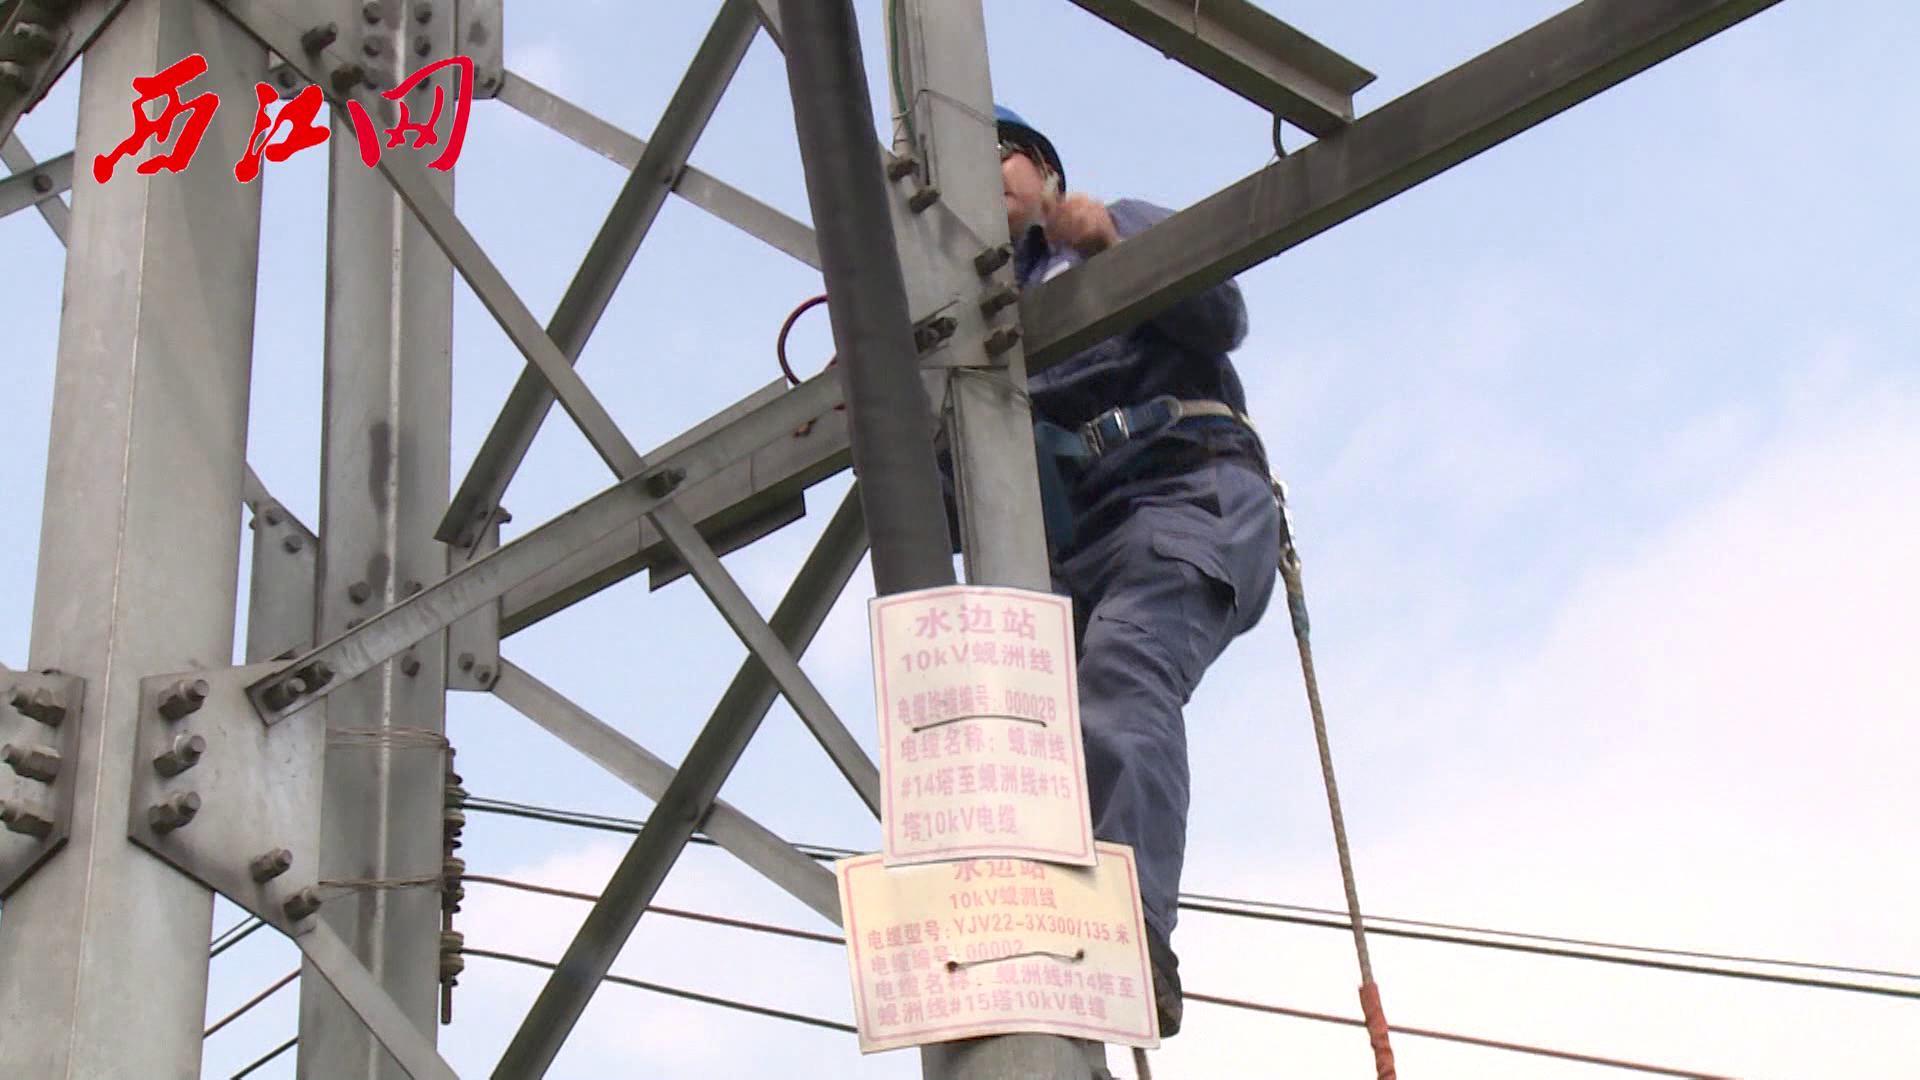 雷暴雨突袭  肇庆供电抢修人员沉着应对保电